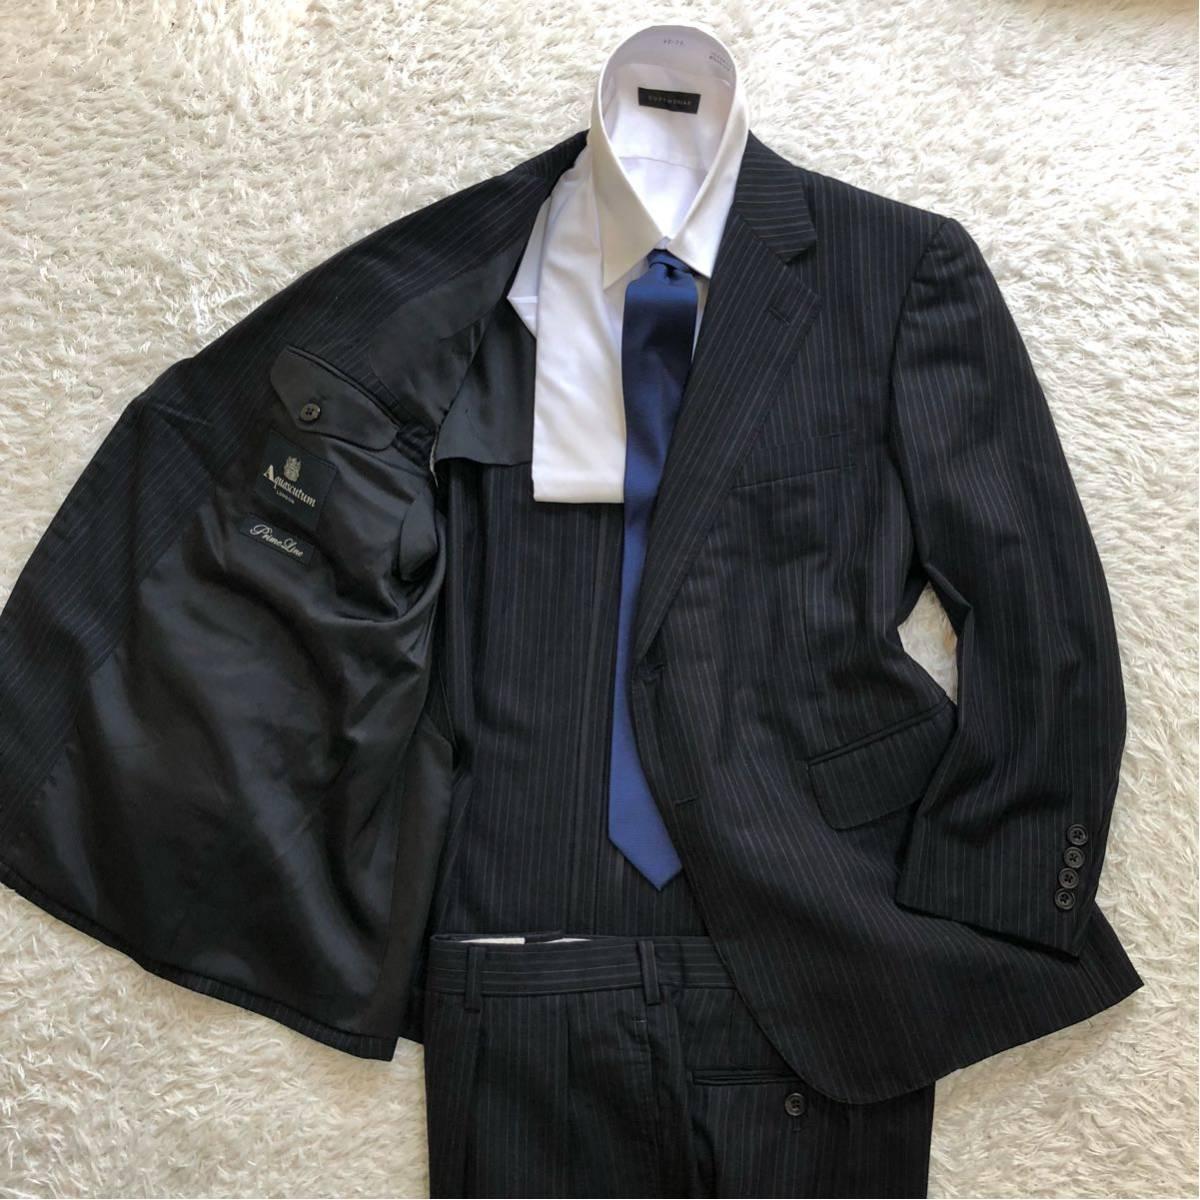 【英国感漂う1着】 アクアスキュータム 2B シングル スーツ 美品 M~Lサイズ相当_画像3